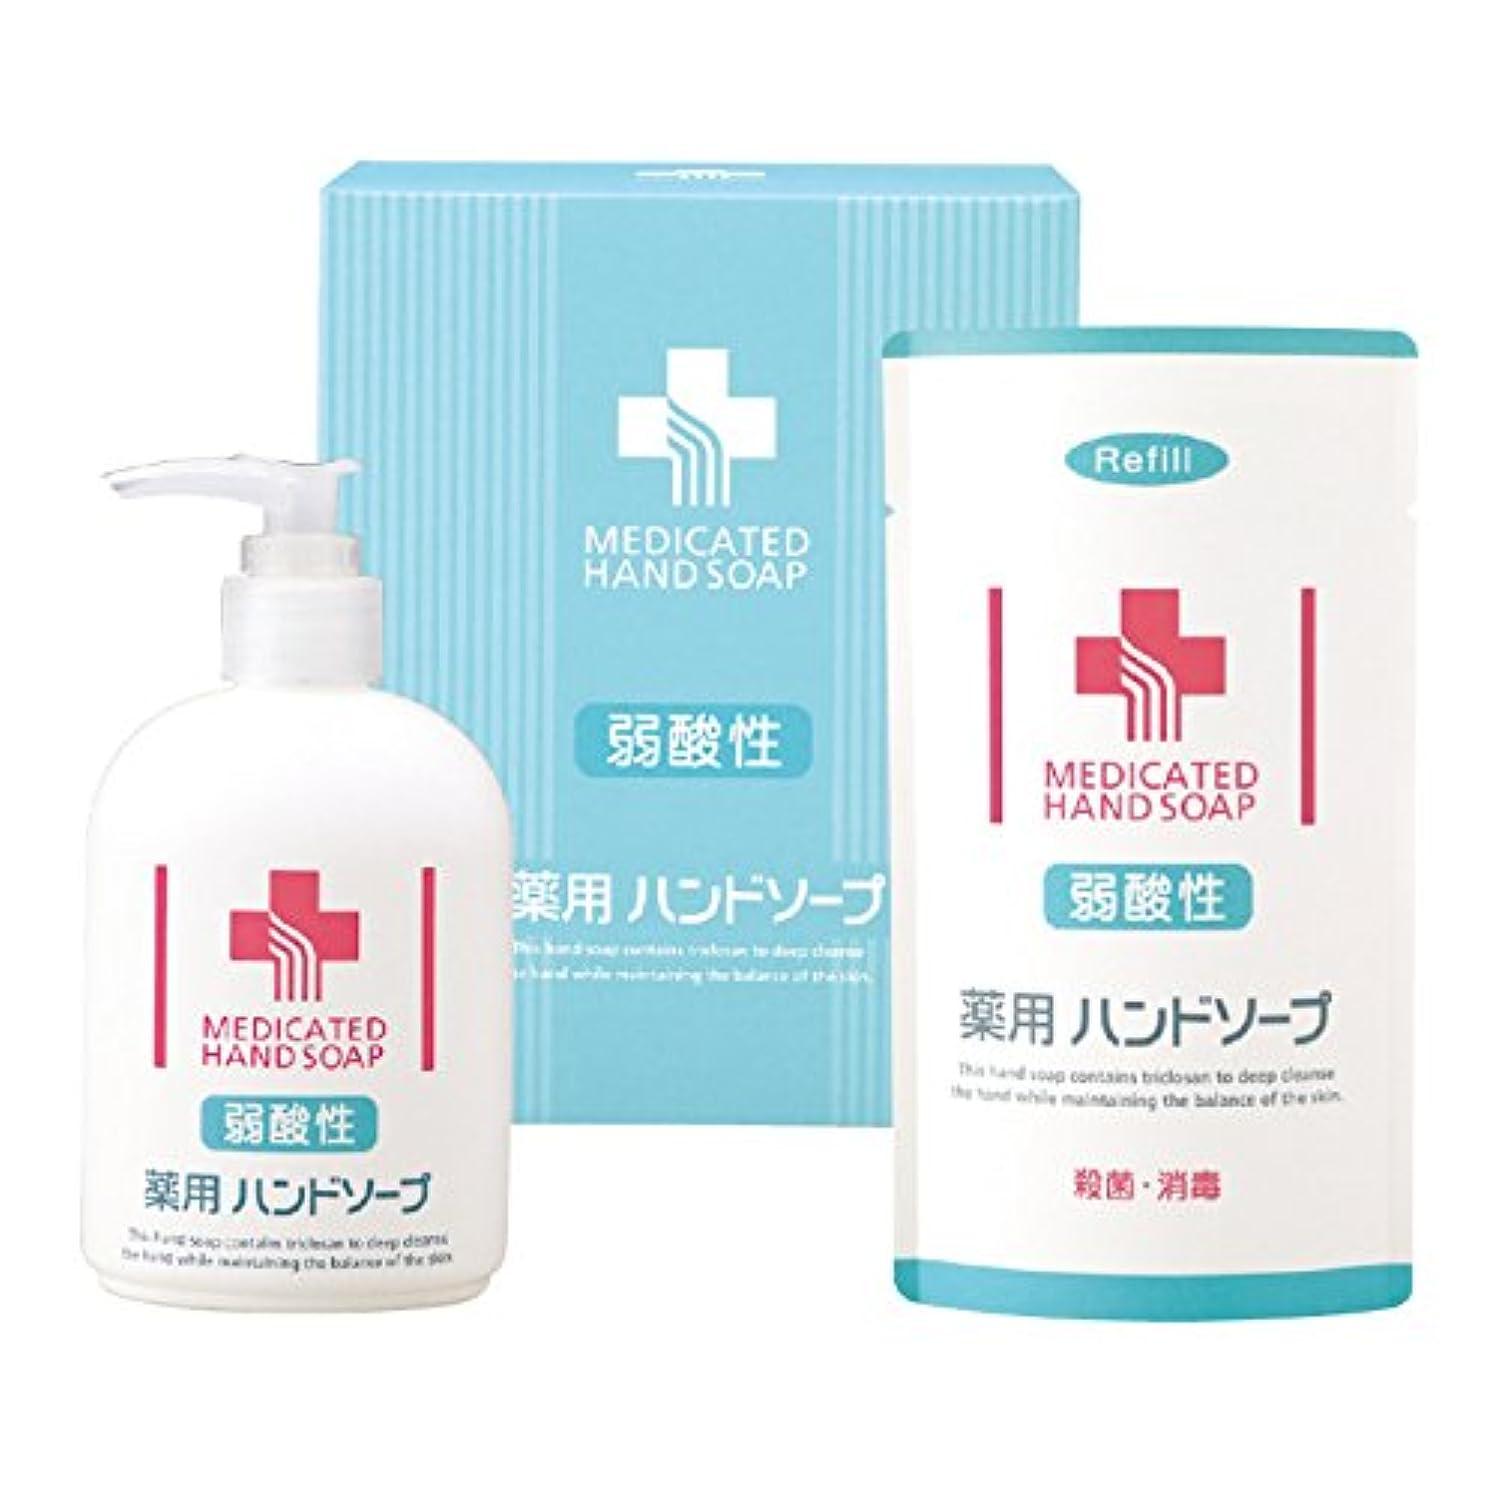 エンコミウムカラスレイ熊野油脂 弱酸性 薬用 ハンドソープセット No.763 2点セット